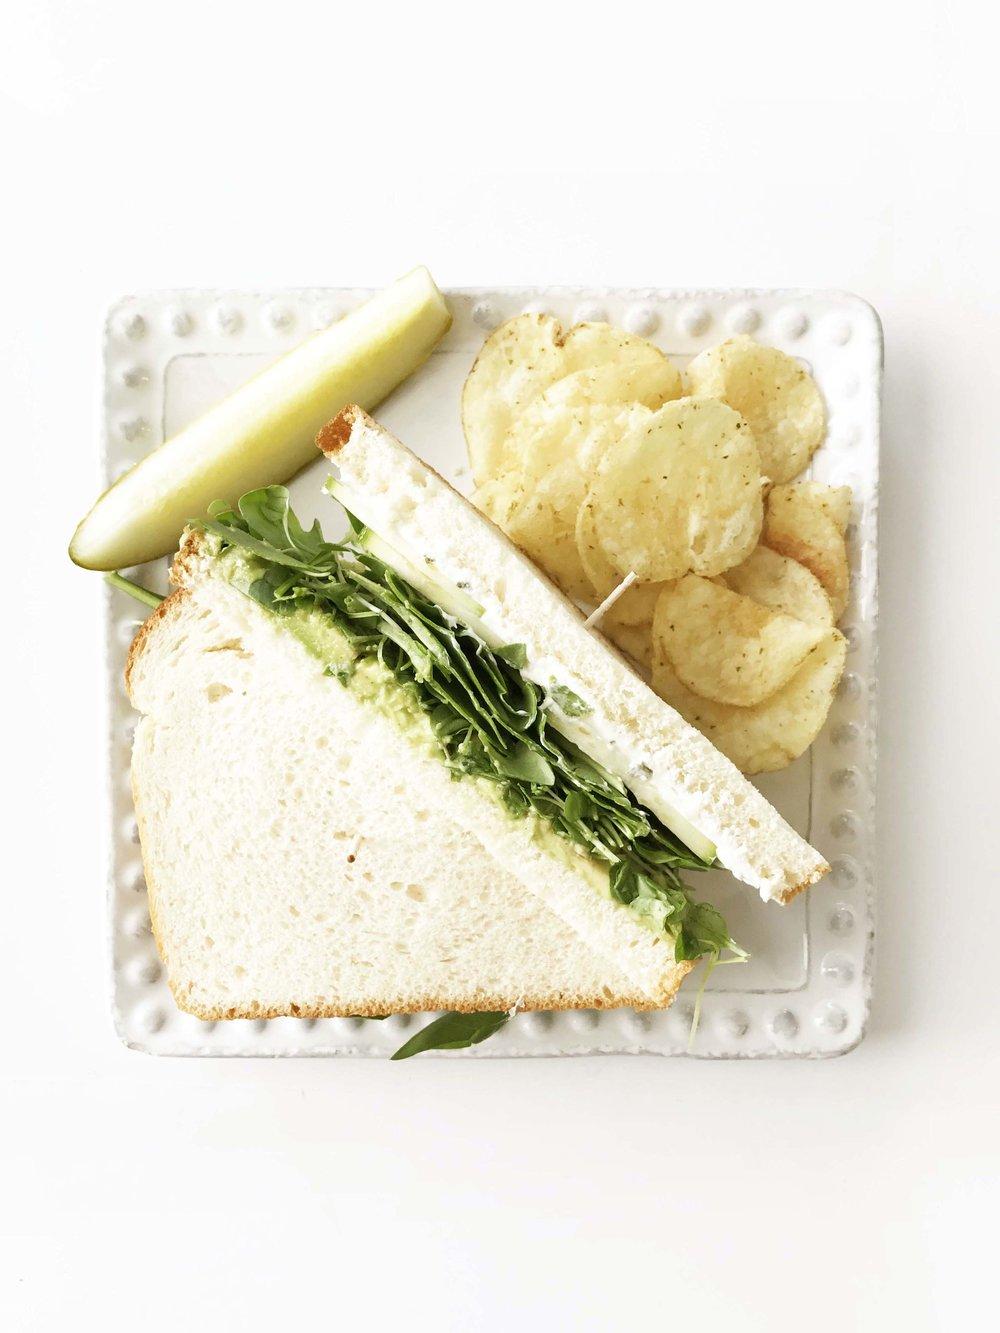 lean-mean-green-sandwich3.jpg